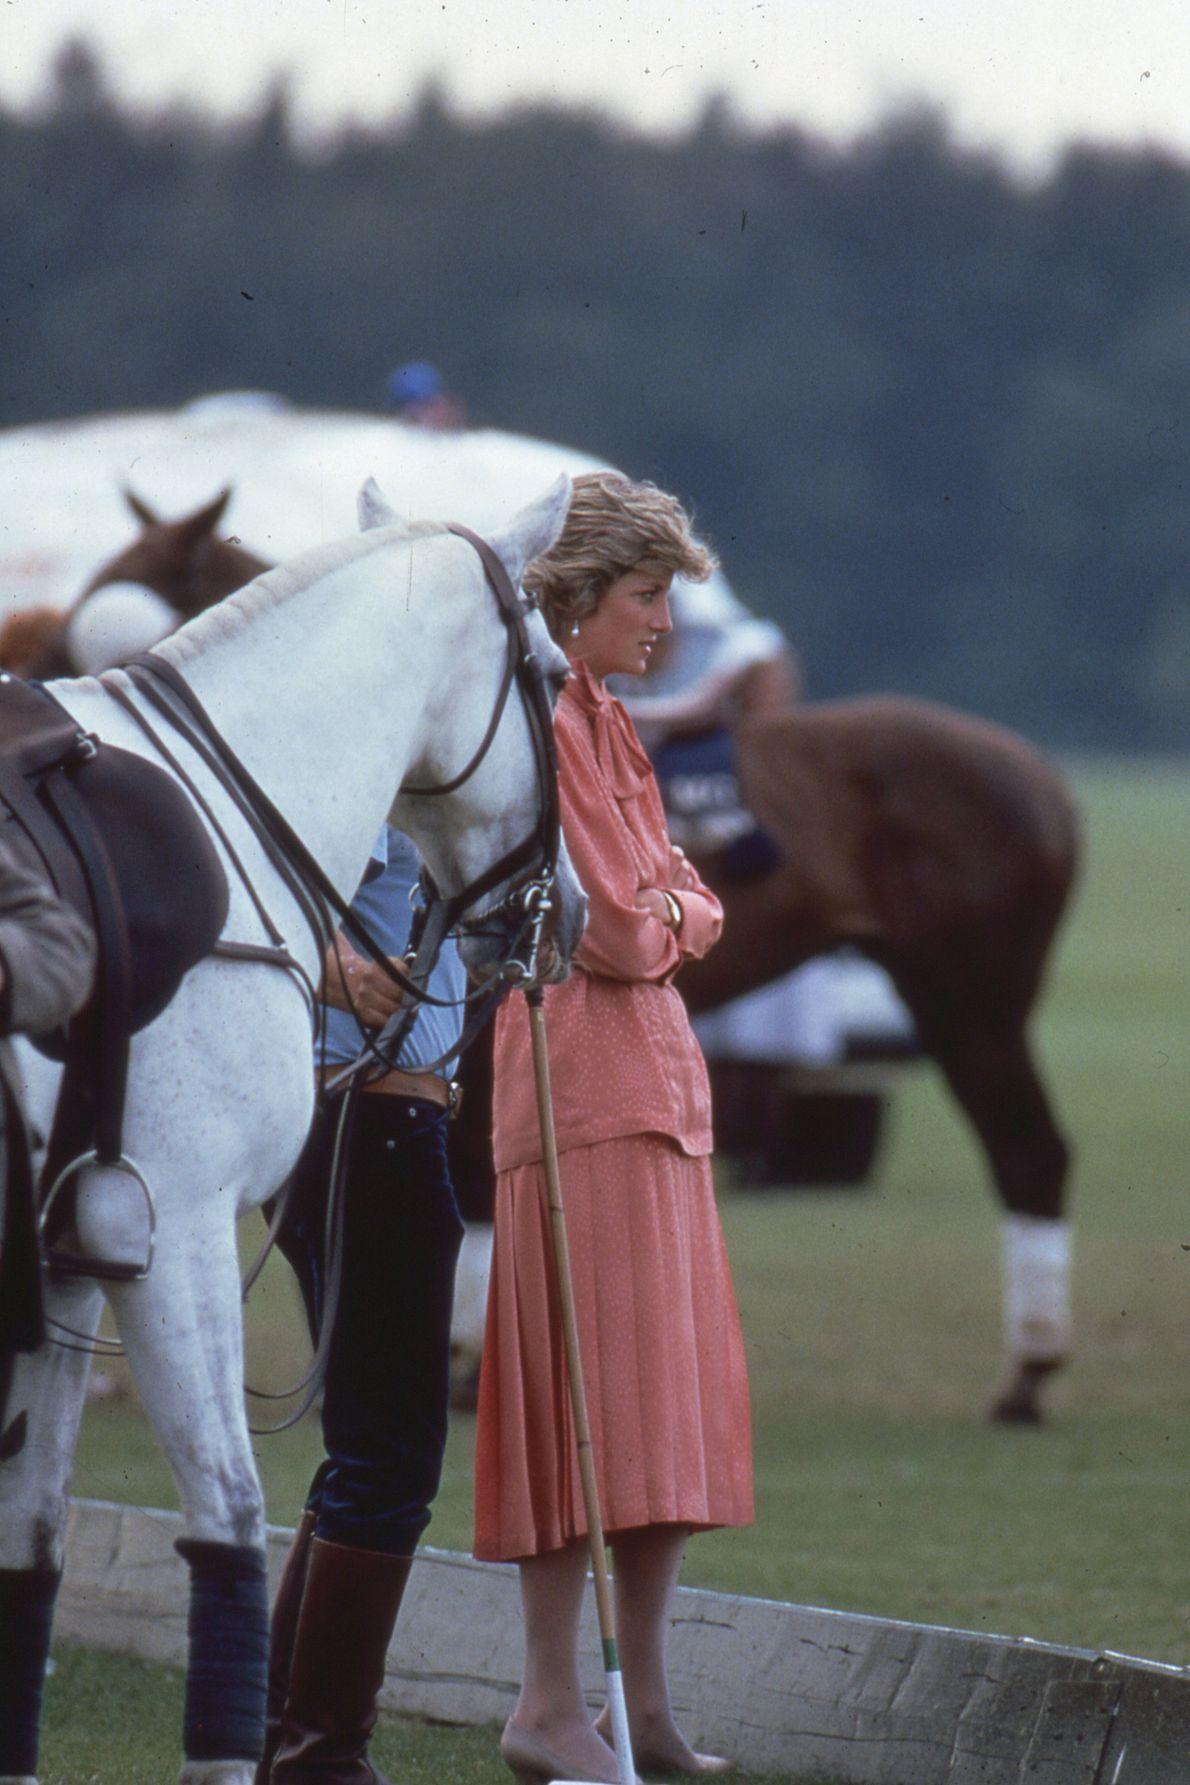 A Princesa Diana ao lado de cavalos